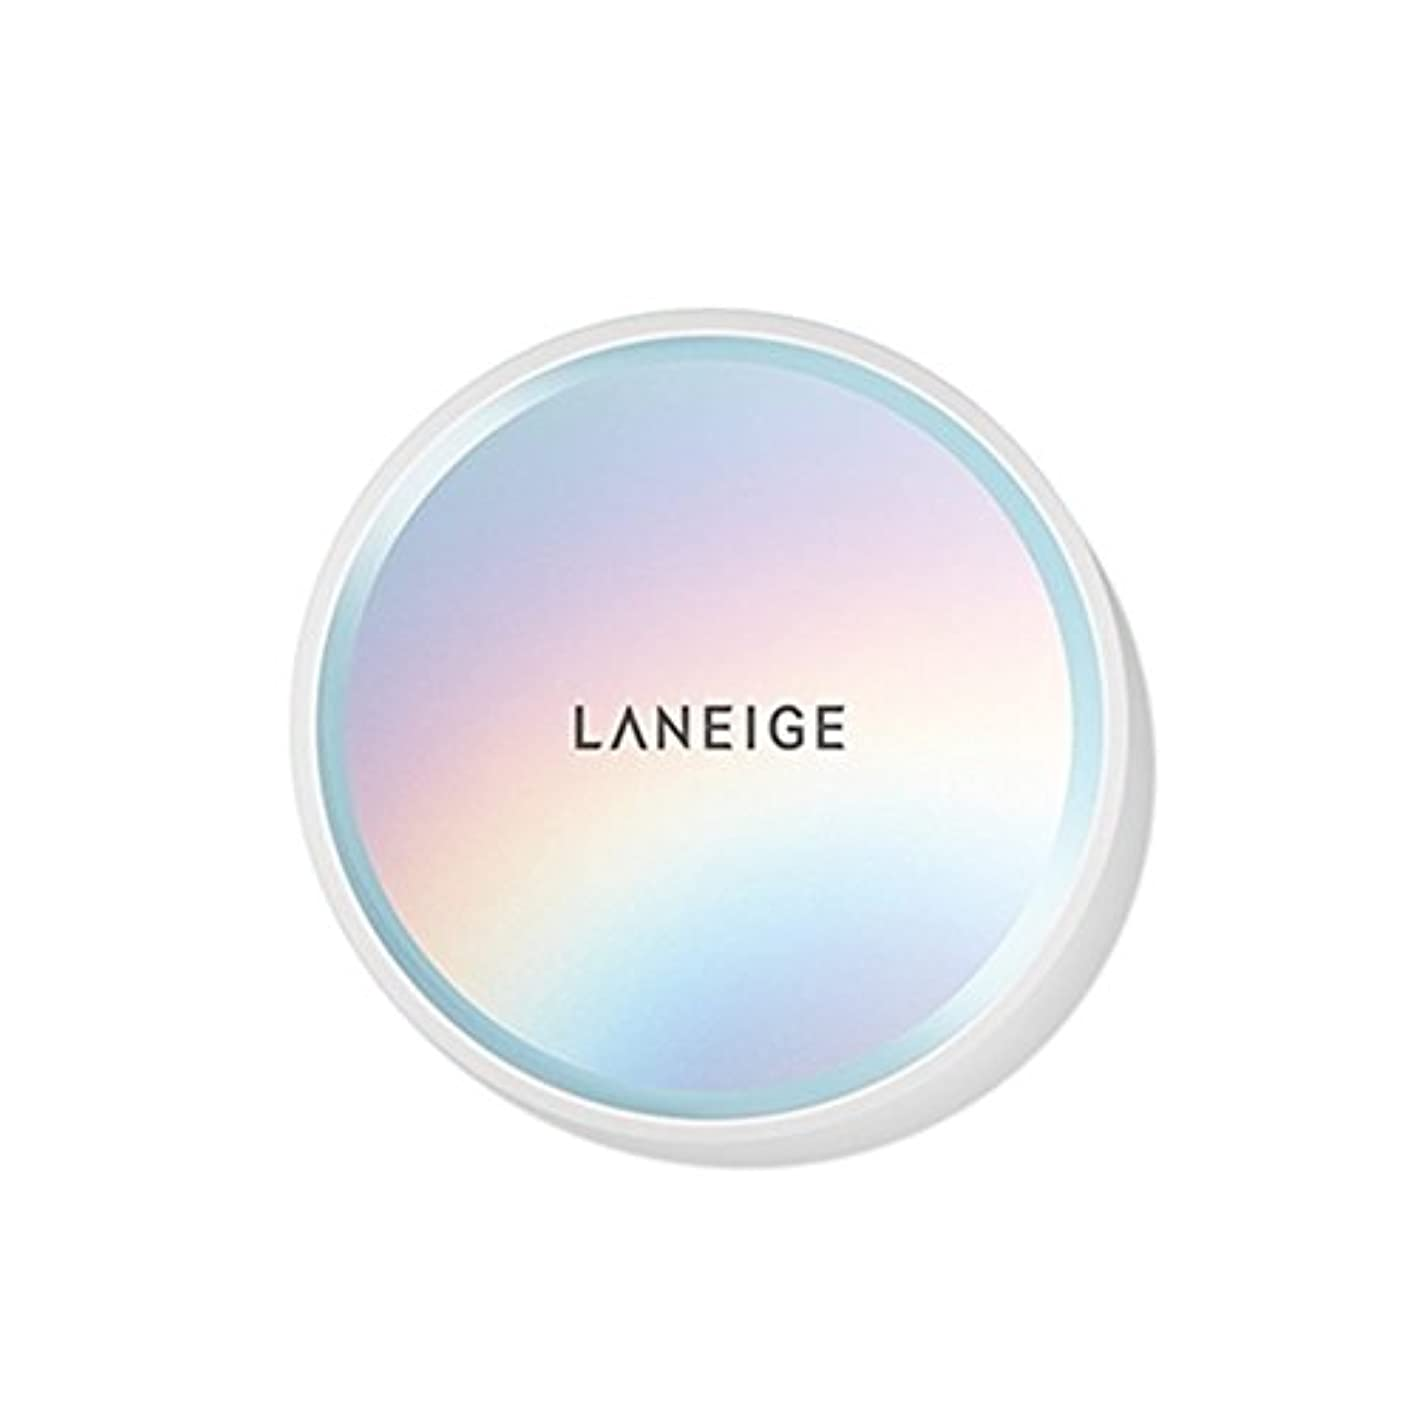 思い出すヶ月目浜辺【ラネージュ】 LANEIGE BB Cushion Pore Control BBクッションポアコントロール 【韓国直送品】 OOPSPANDA (1.No. 11 poseulrin)